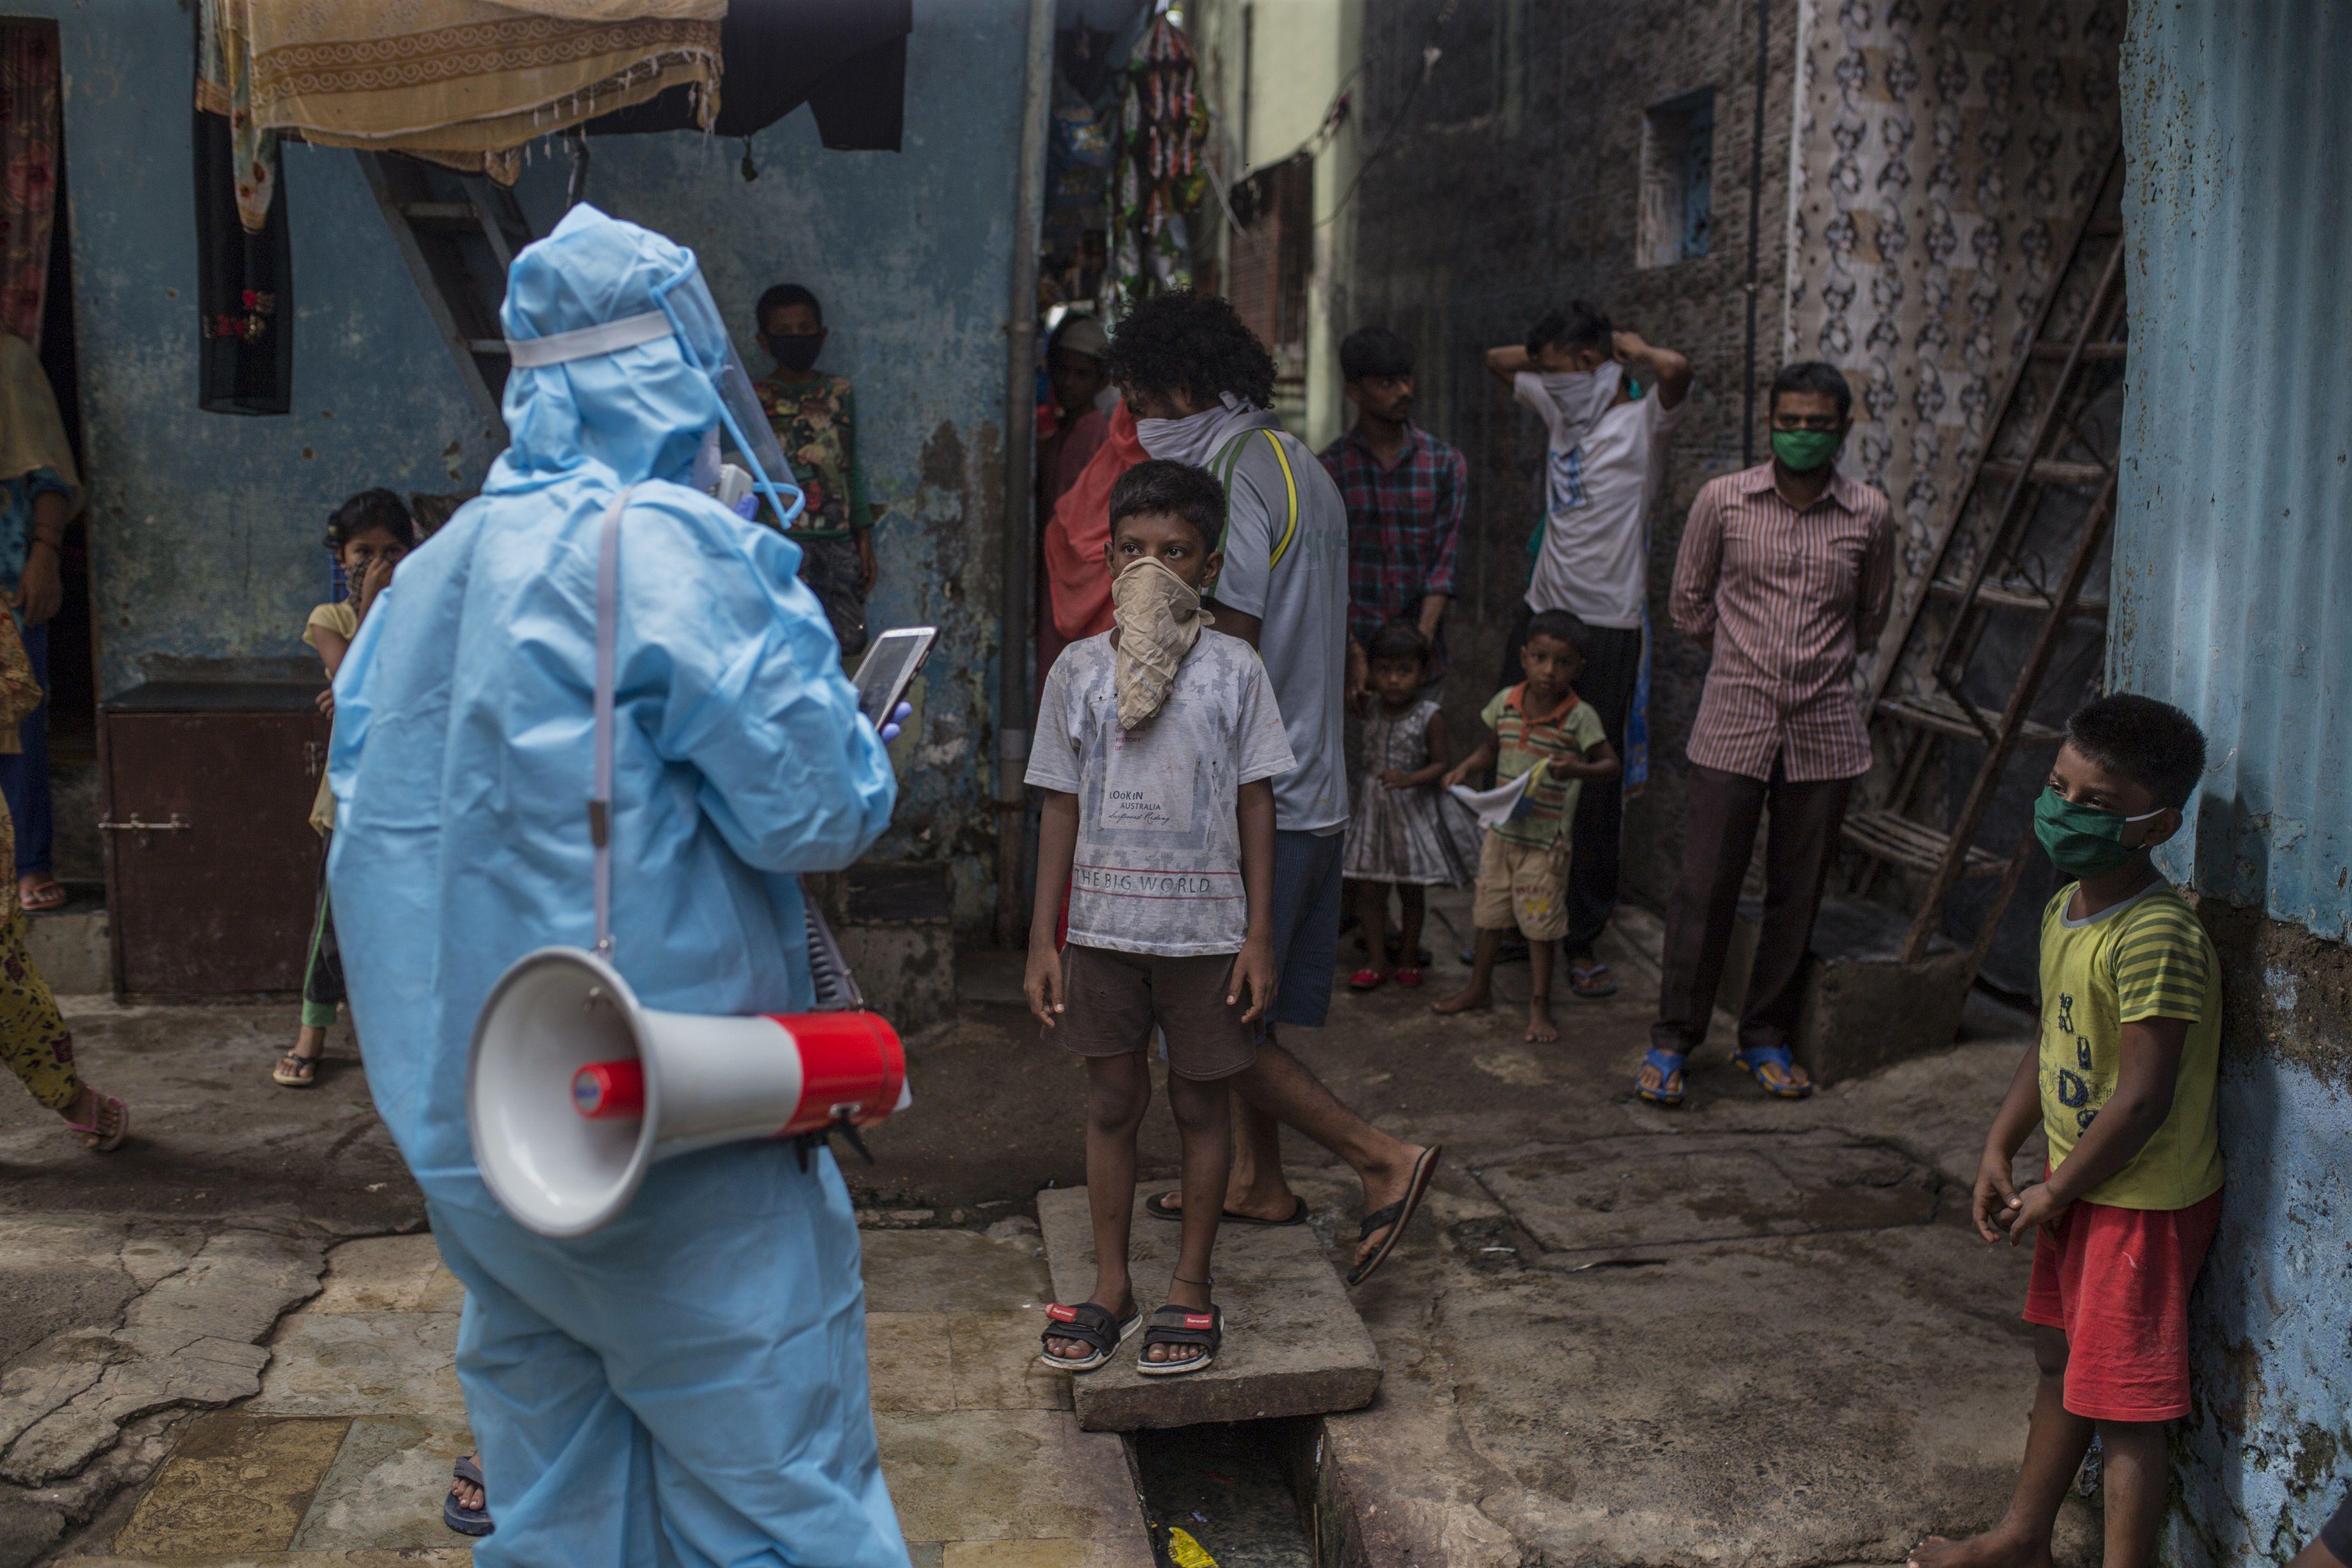 Un trabjador sanitario da pautas a la población sobre cómo protegerse del coronavirus en India. POLITICA ASIA INDIA INTERNACIONAL © UNICEF/UNI347244/SINGH